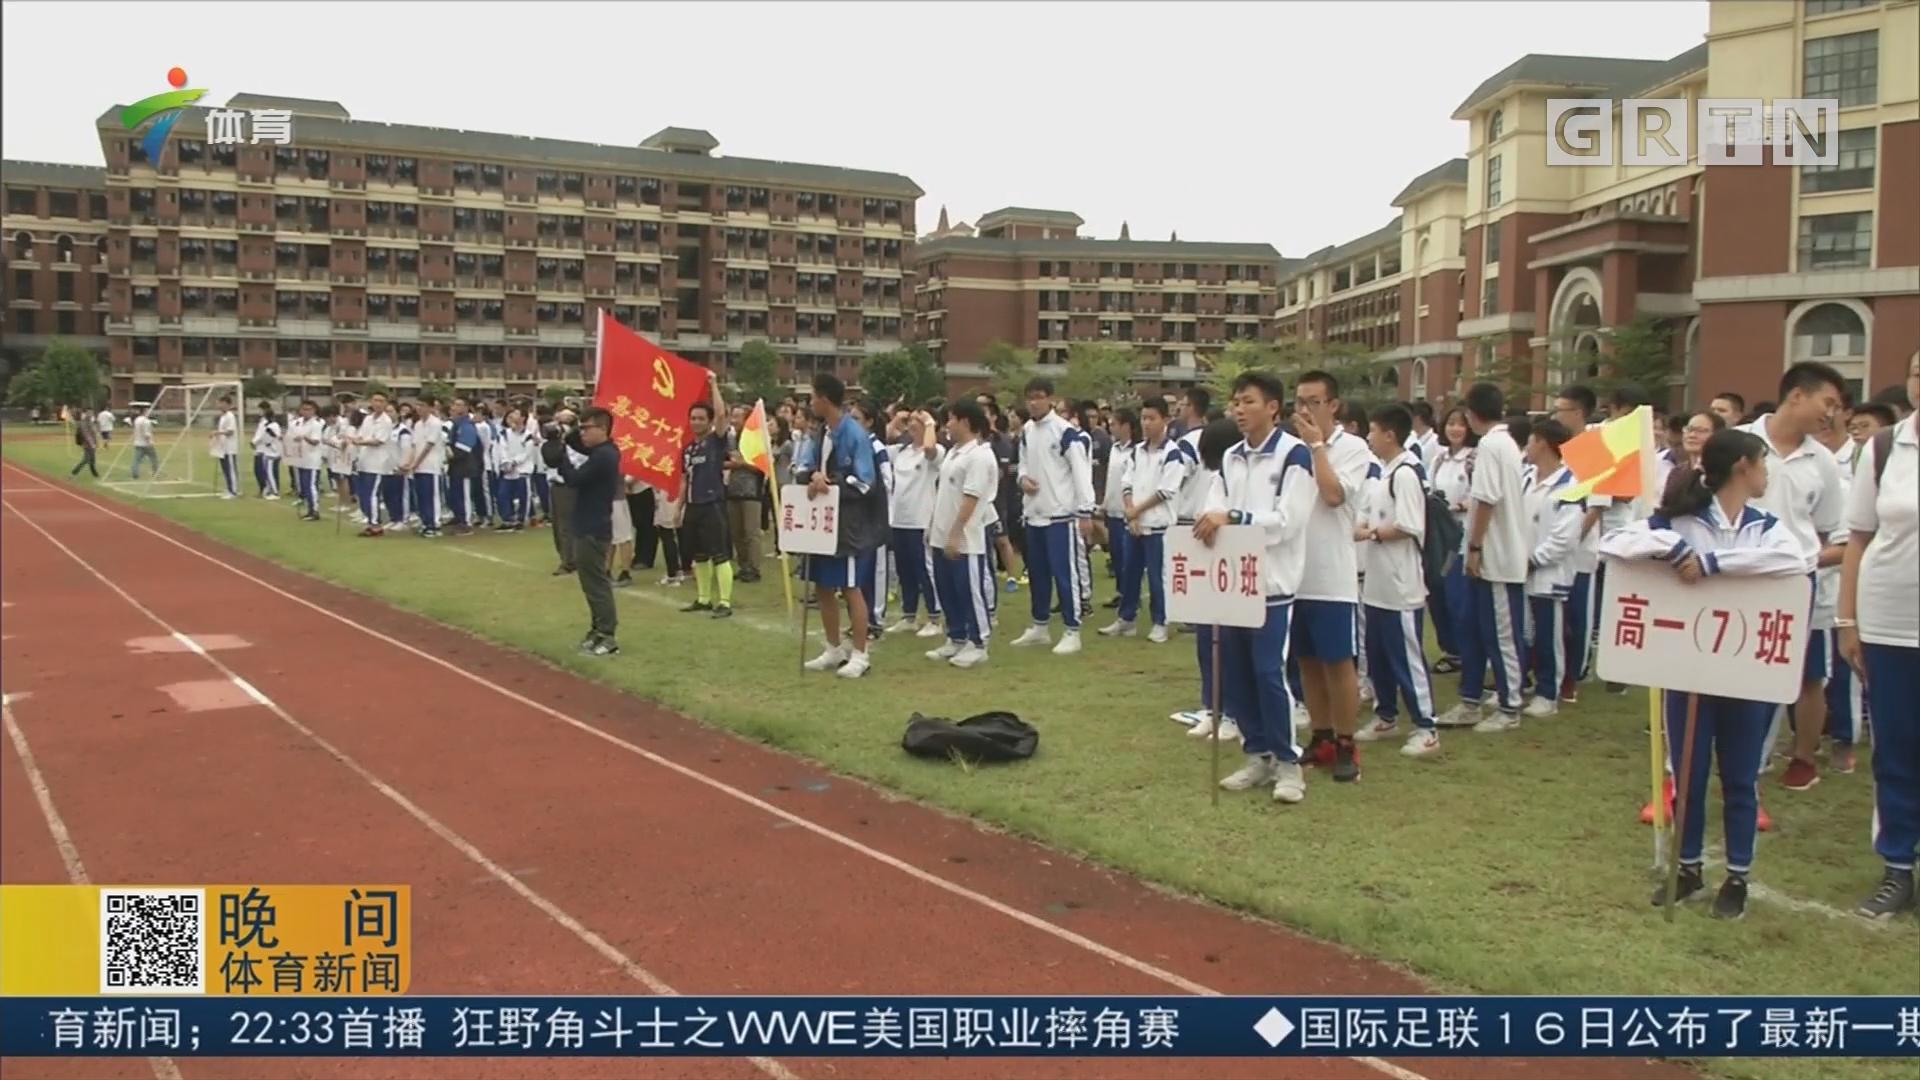 广东华侨中学首届校长杯足球赛开幕